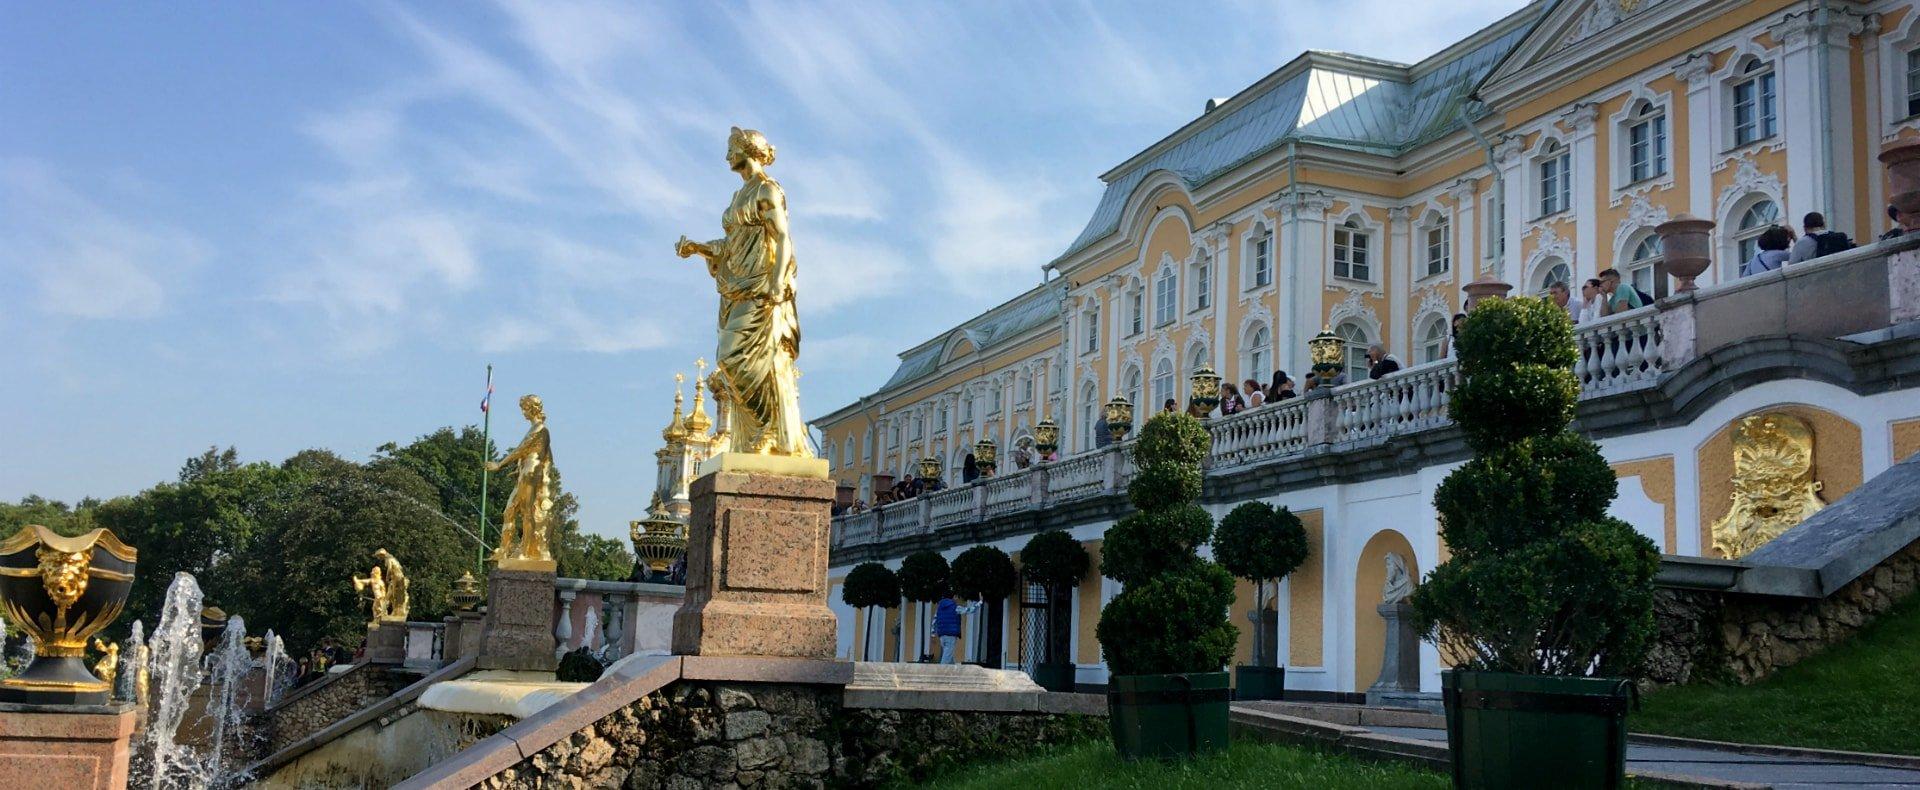 Peterhof, Russia Gallery